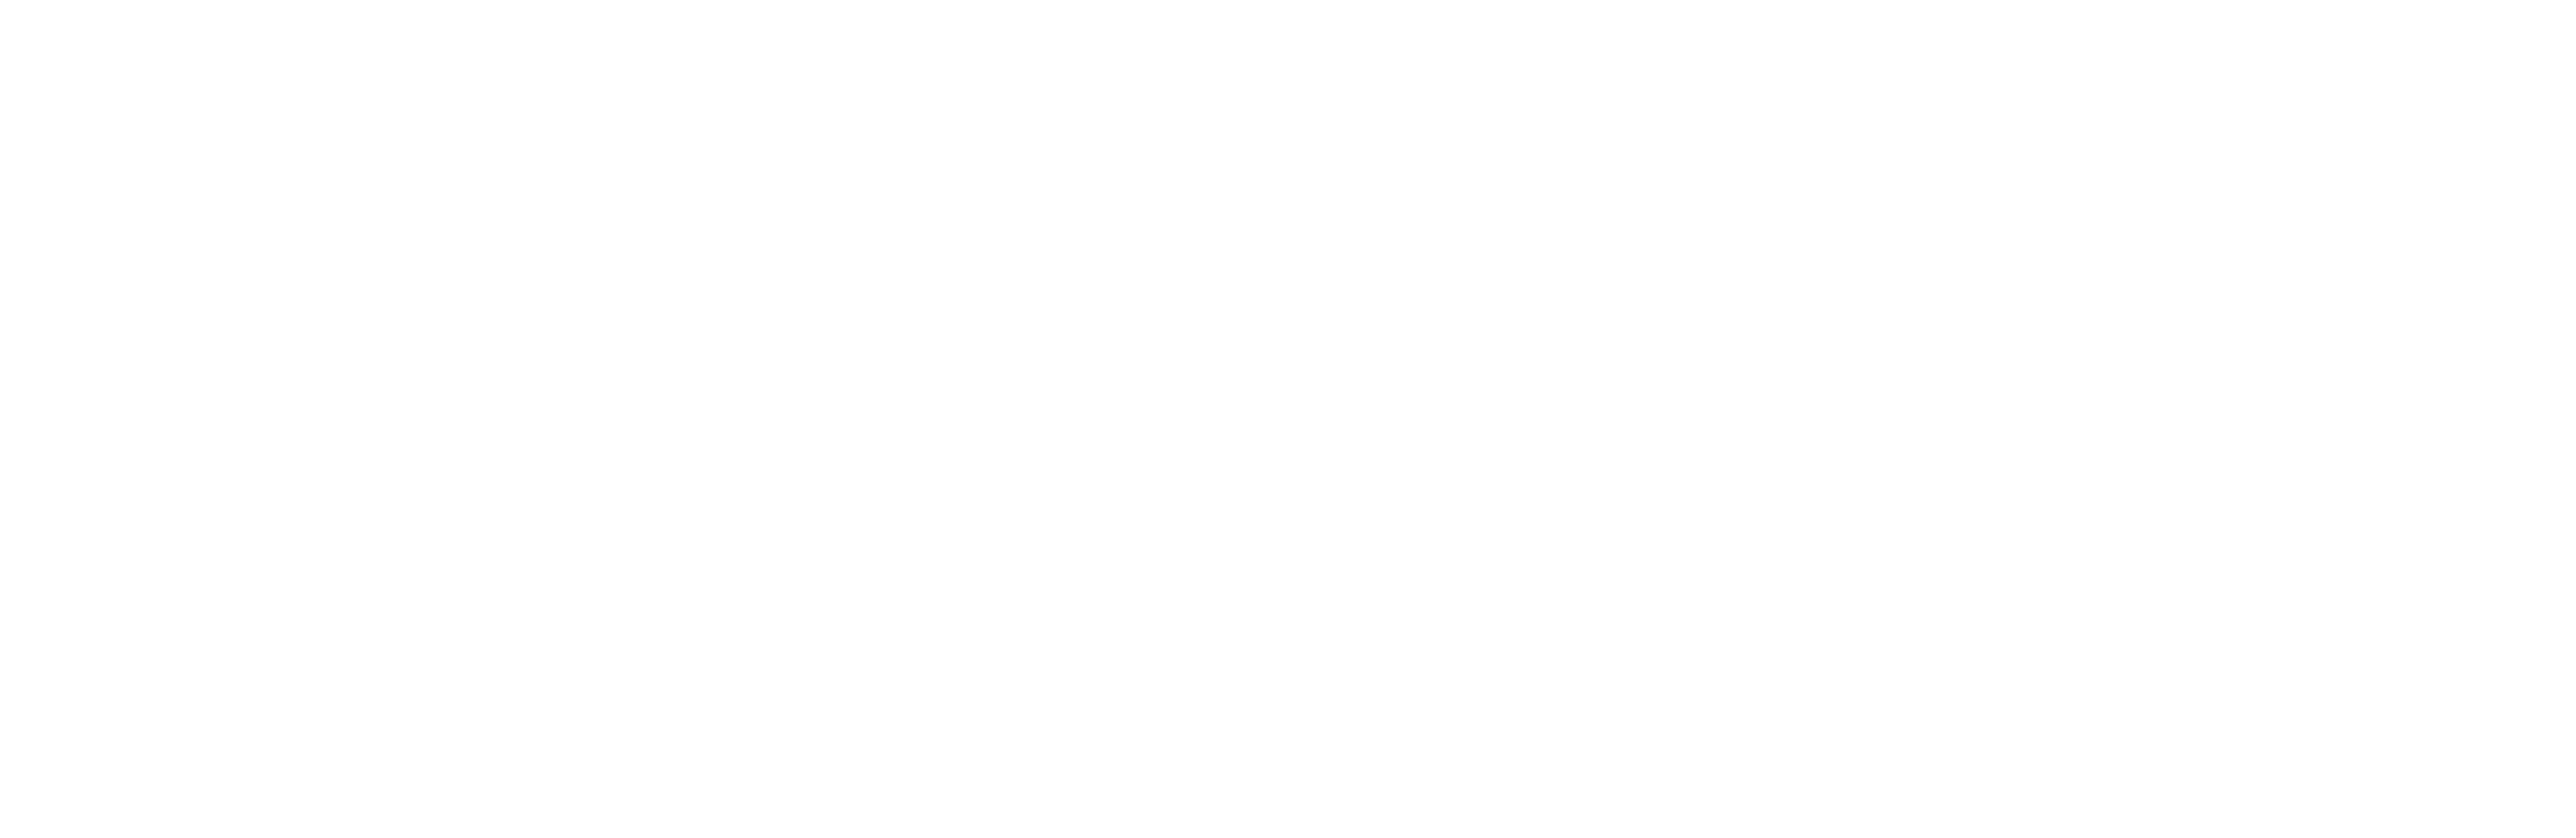 Multimedia Agency